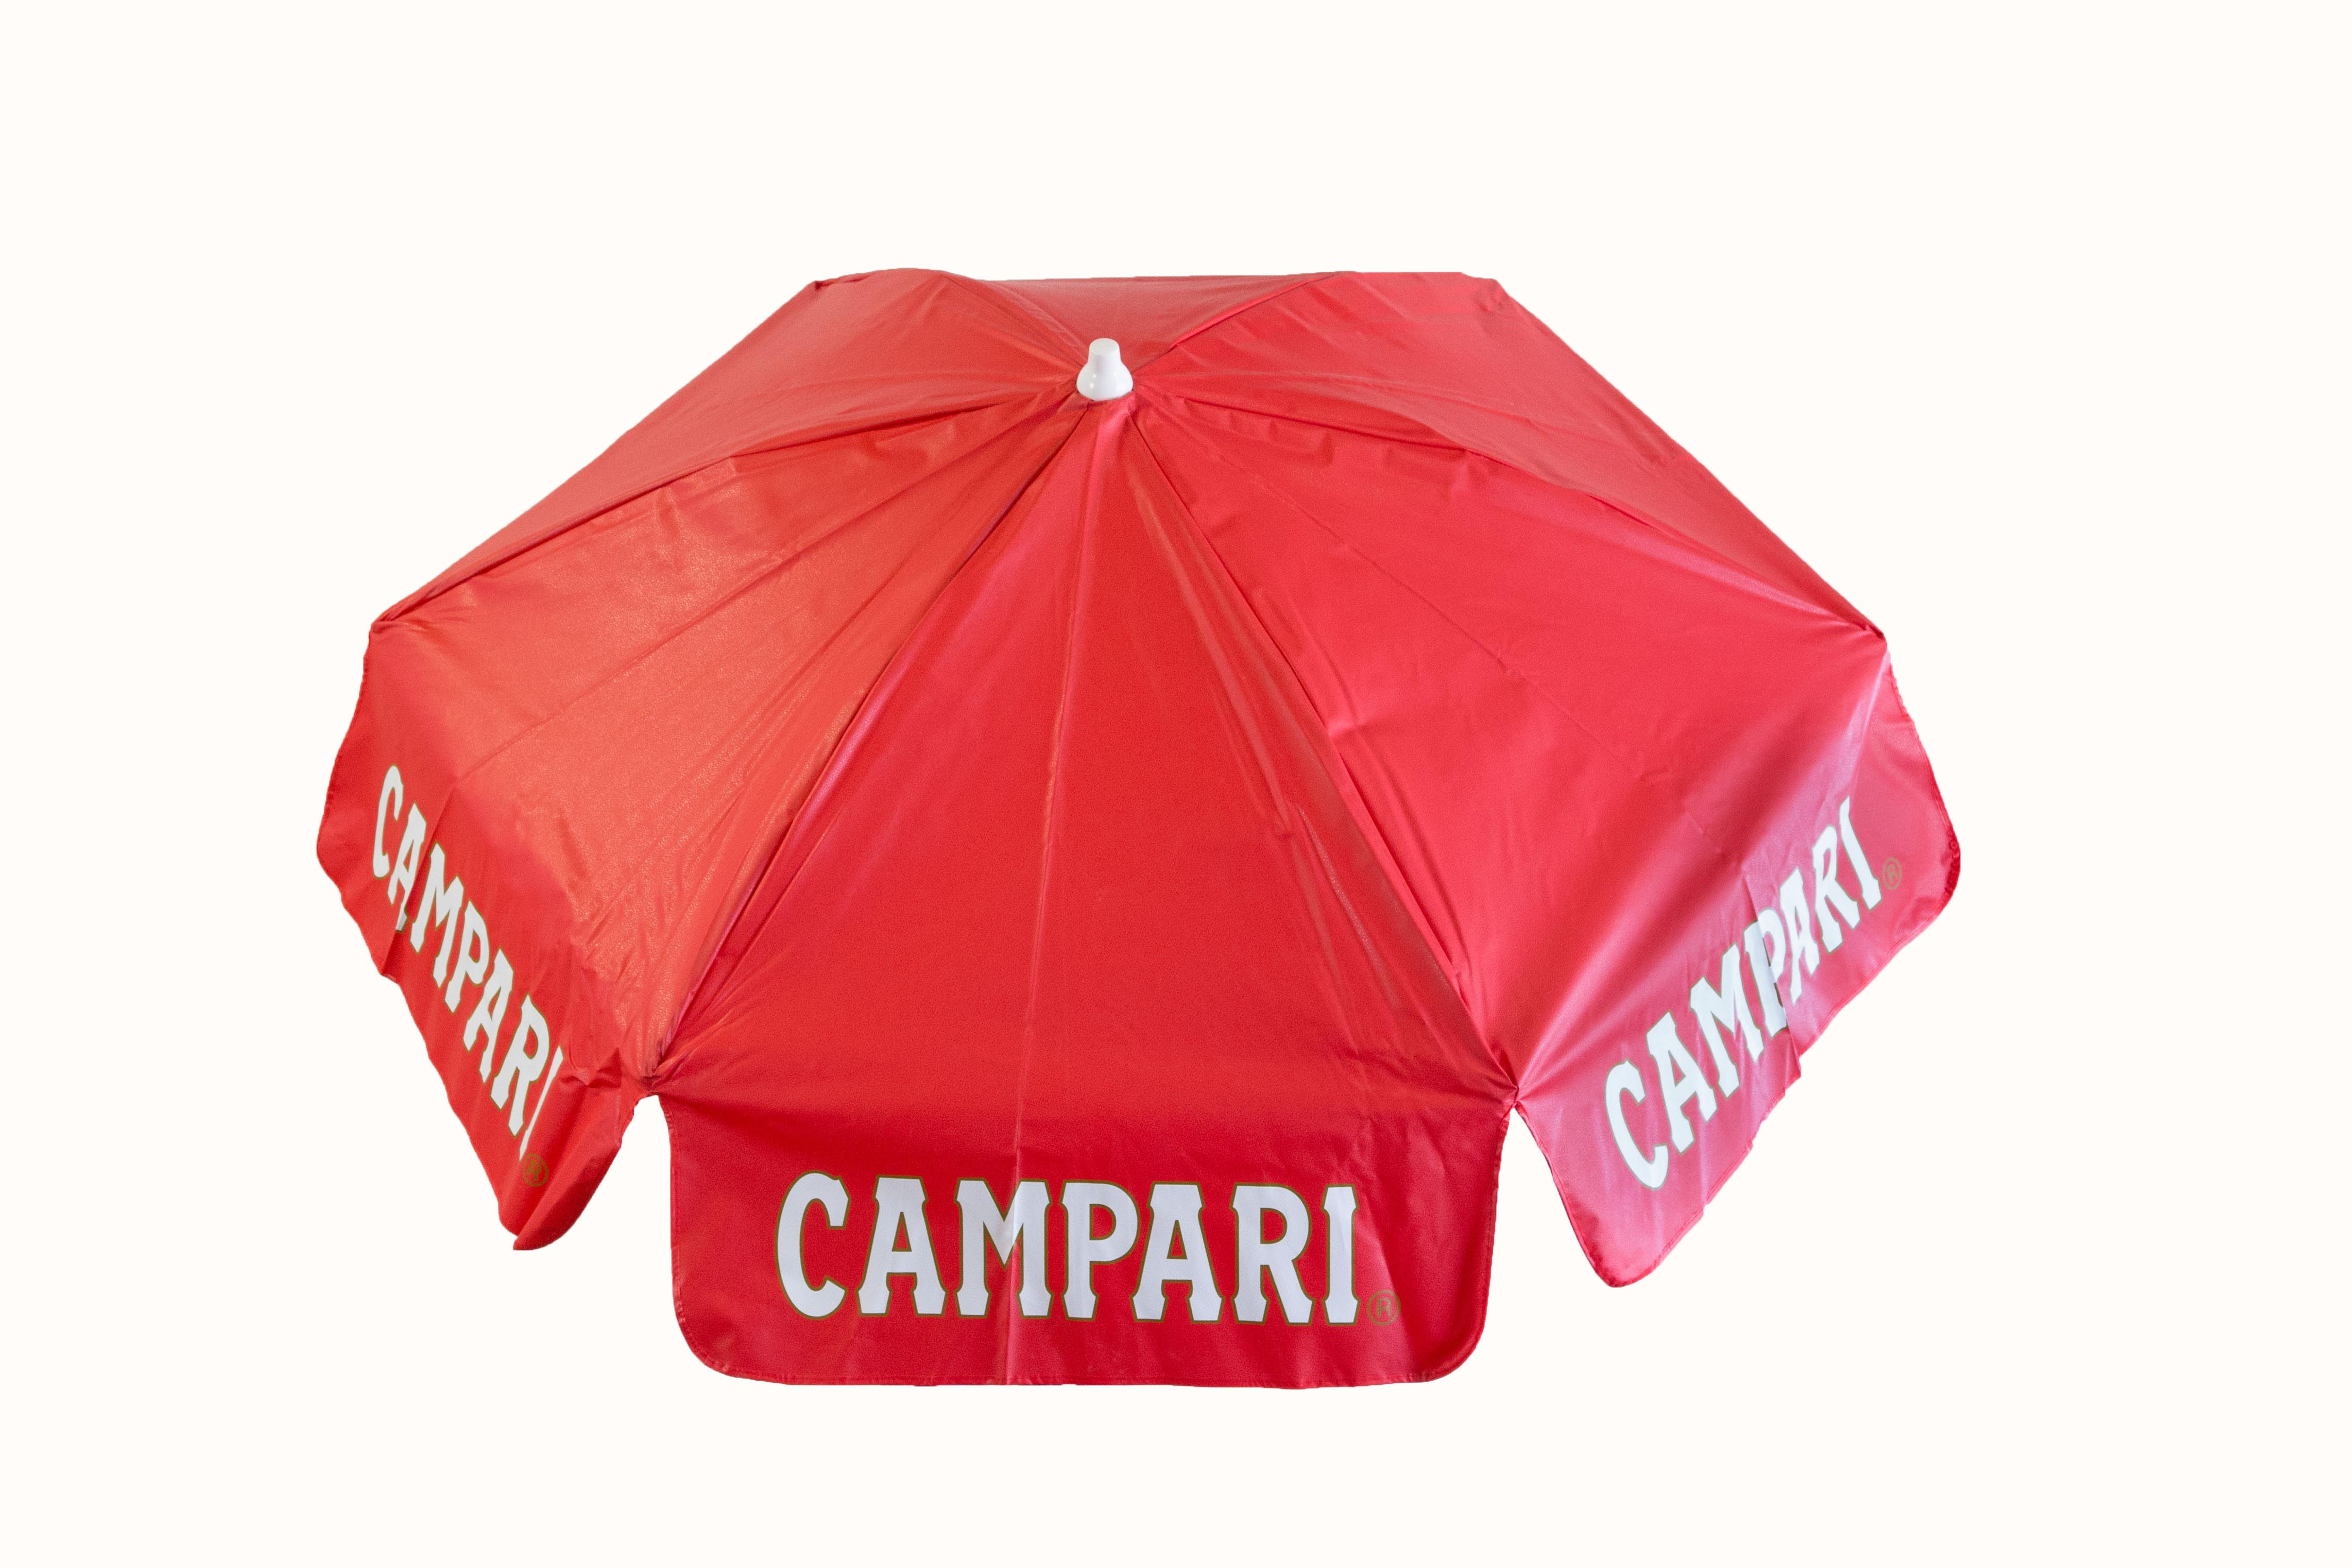 Good 6u0027 Campari Patio Umbrella